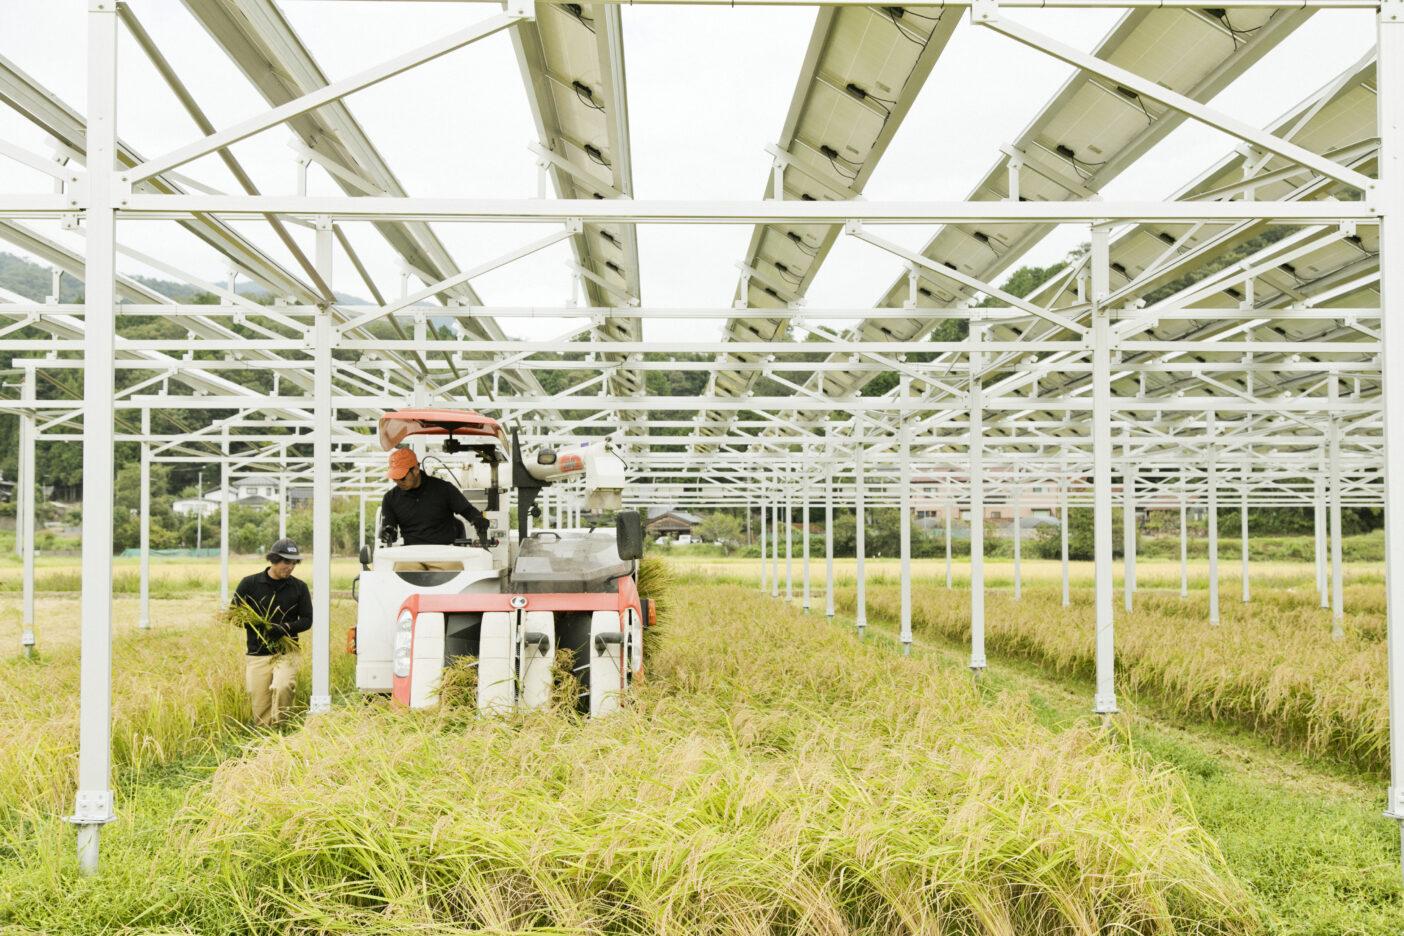 ソーラーパネルの下、コンバインを器用に操って収穫作業を行う。写真:五十嵐 一晴